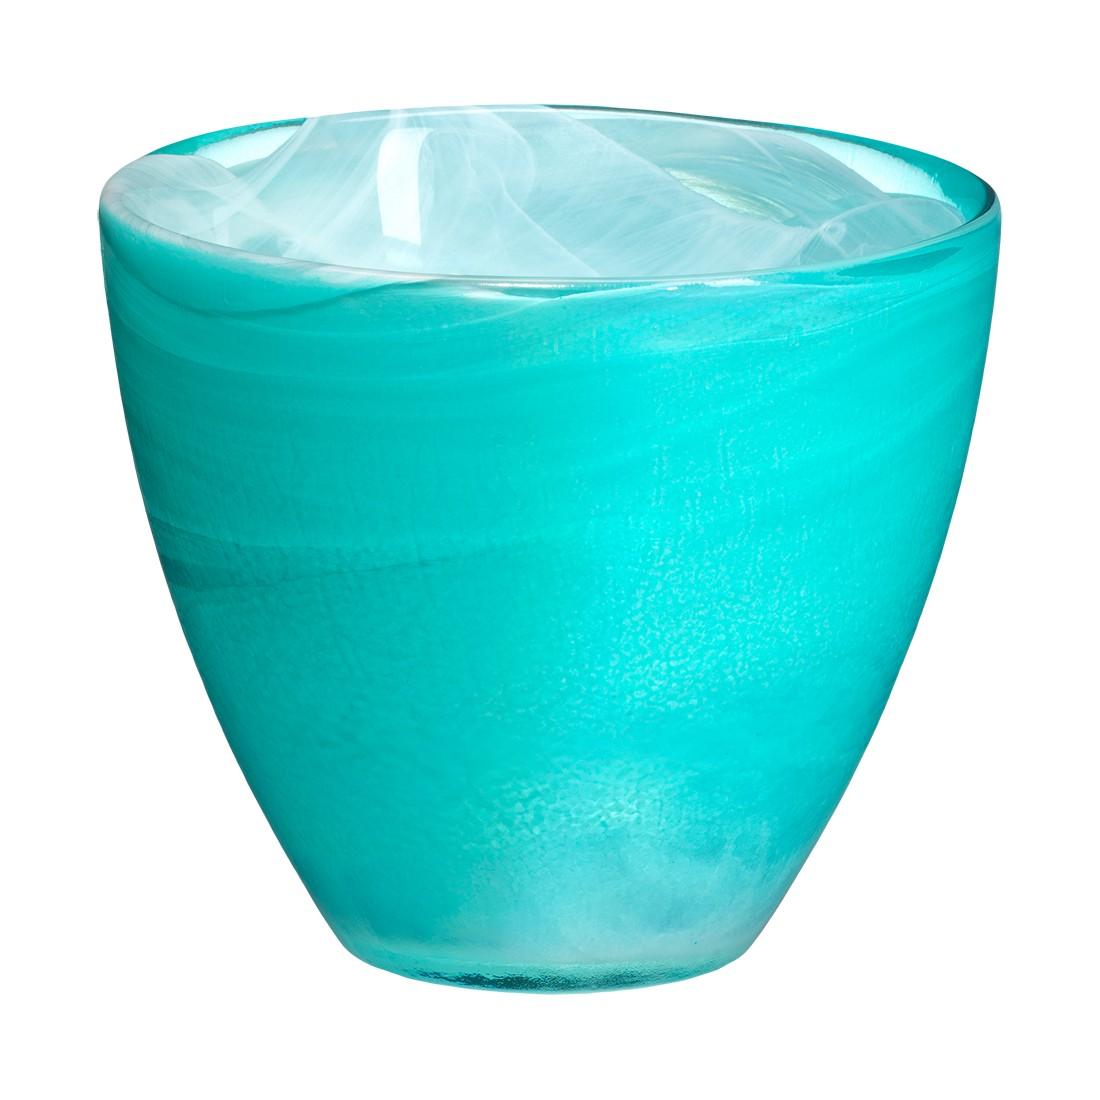 Teelichthalter Candy – Recyceltes Glas Türkis, SEA glasbruk jetzt bestellen